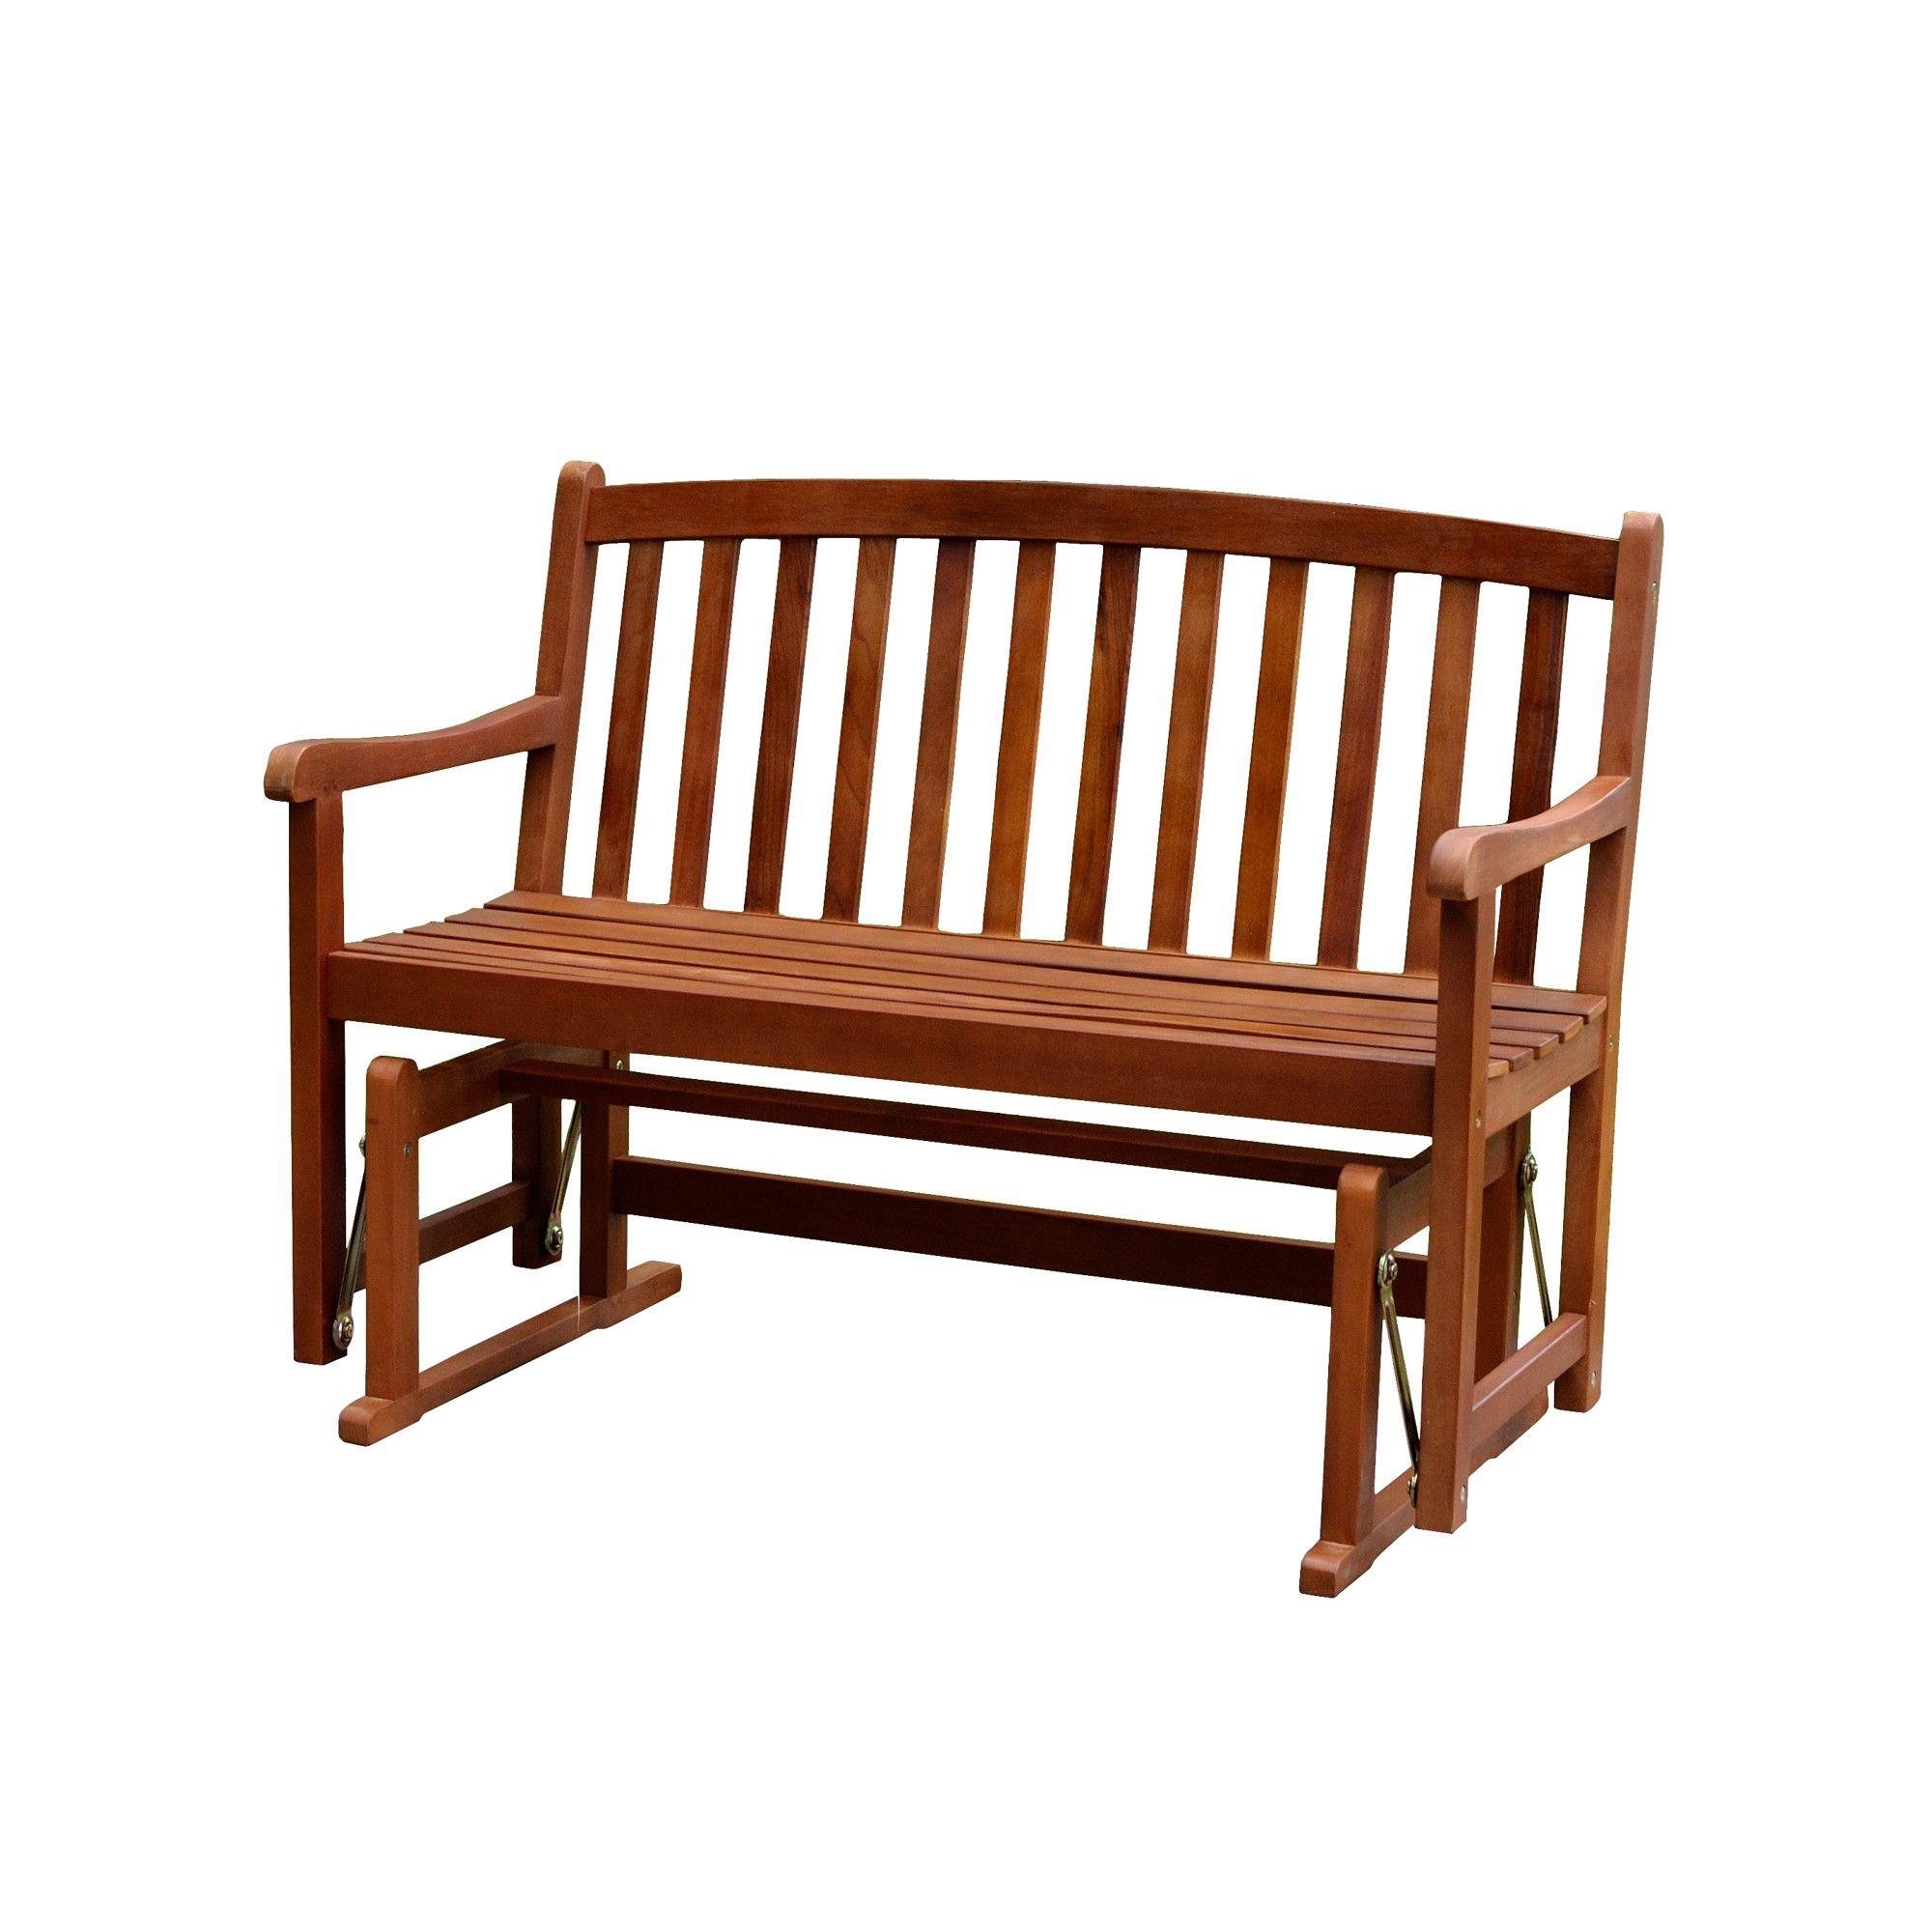 Atlantic Patio Furniture Reviews: Atlantic Patio Furniture Reviews